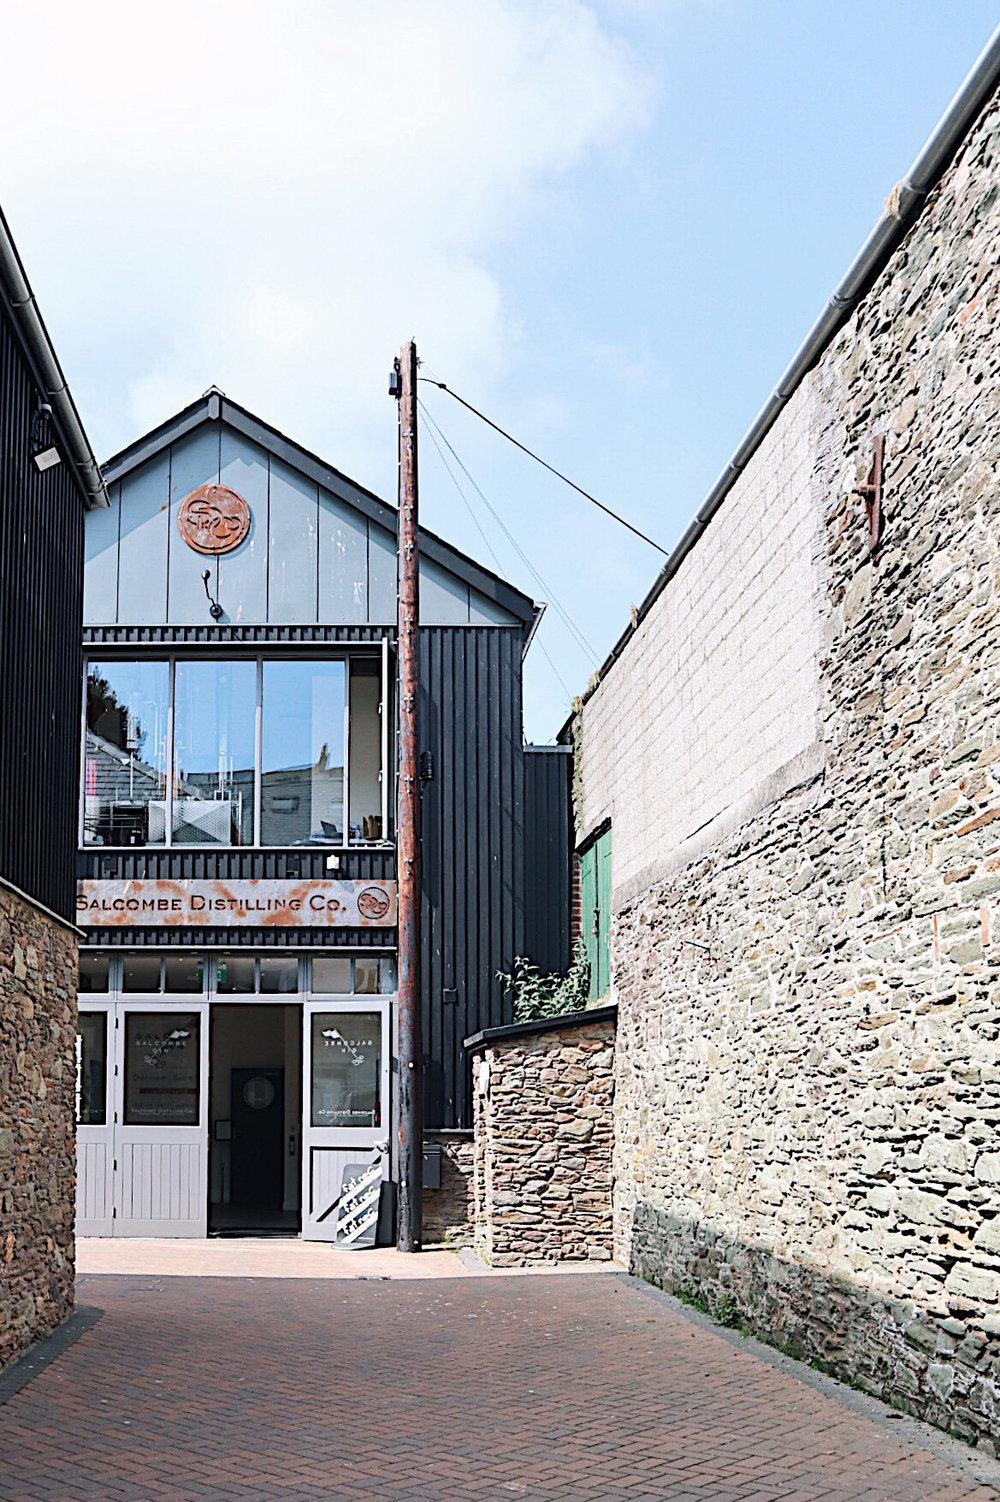 Salcombe Distilling.jpg